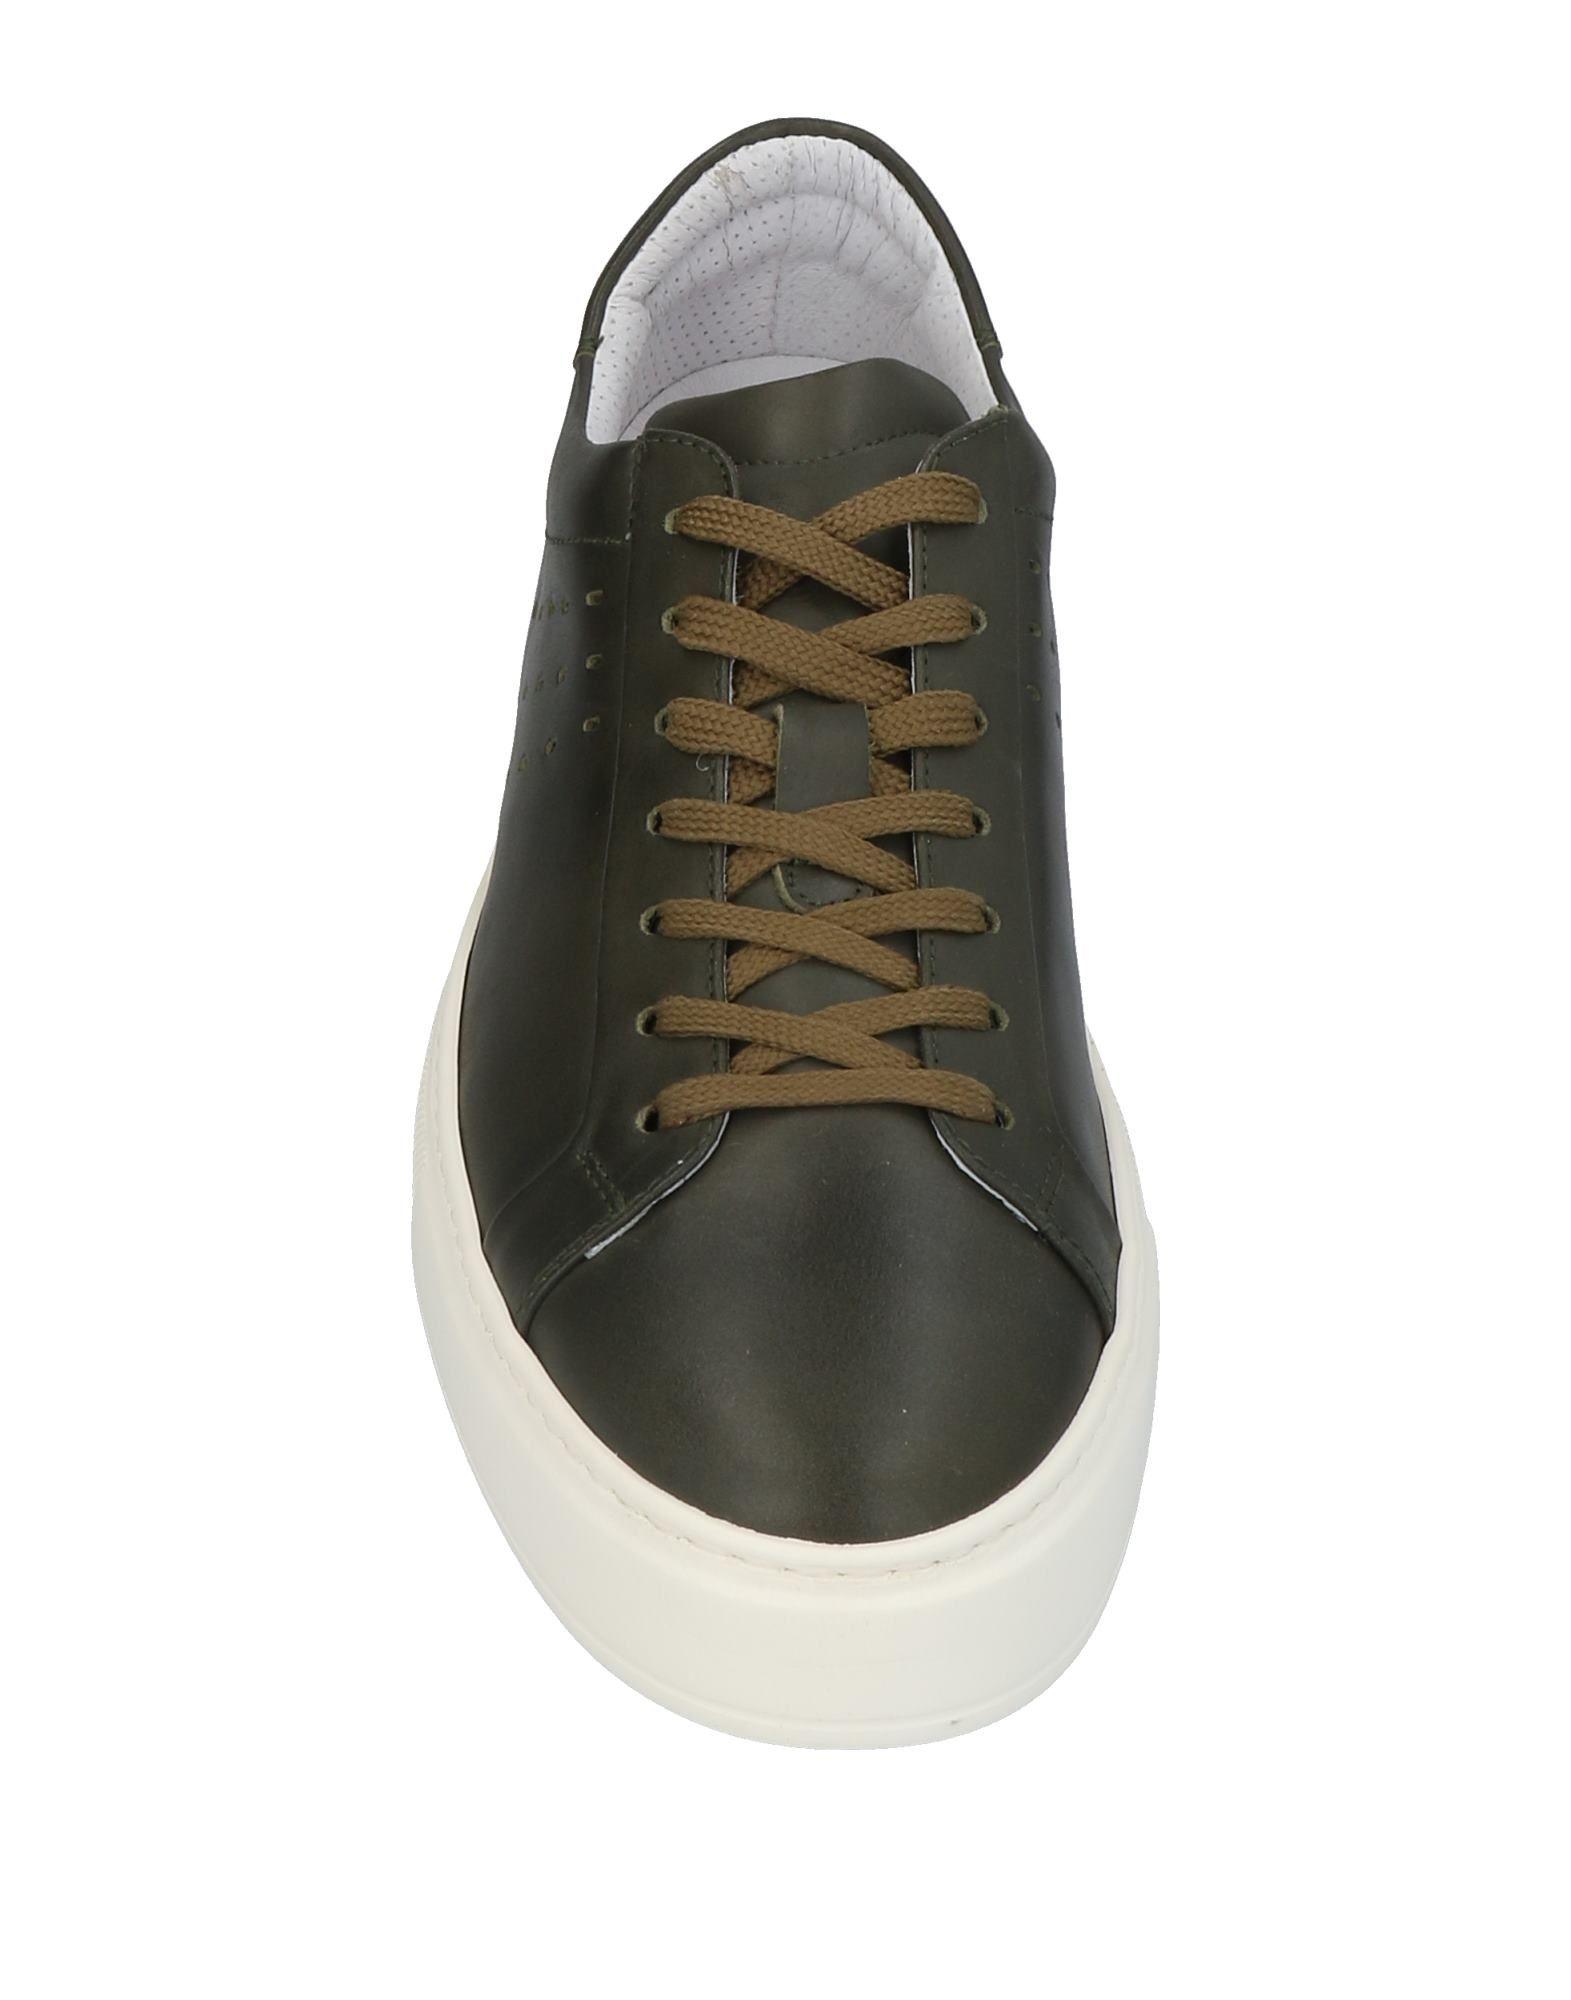 Rabatt echte Schuhe Schuhe echte Andrea Morelli Sneakers Herren  11428415XH 773ec6